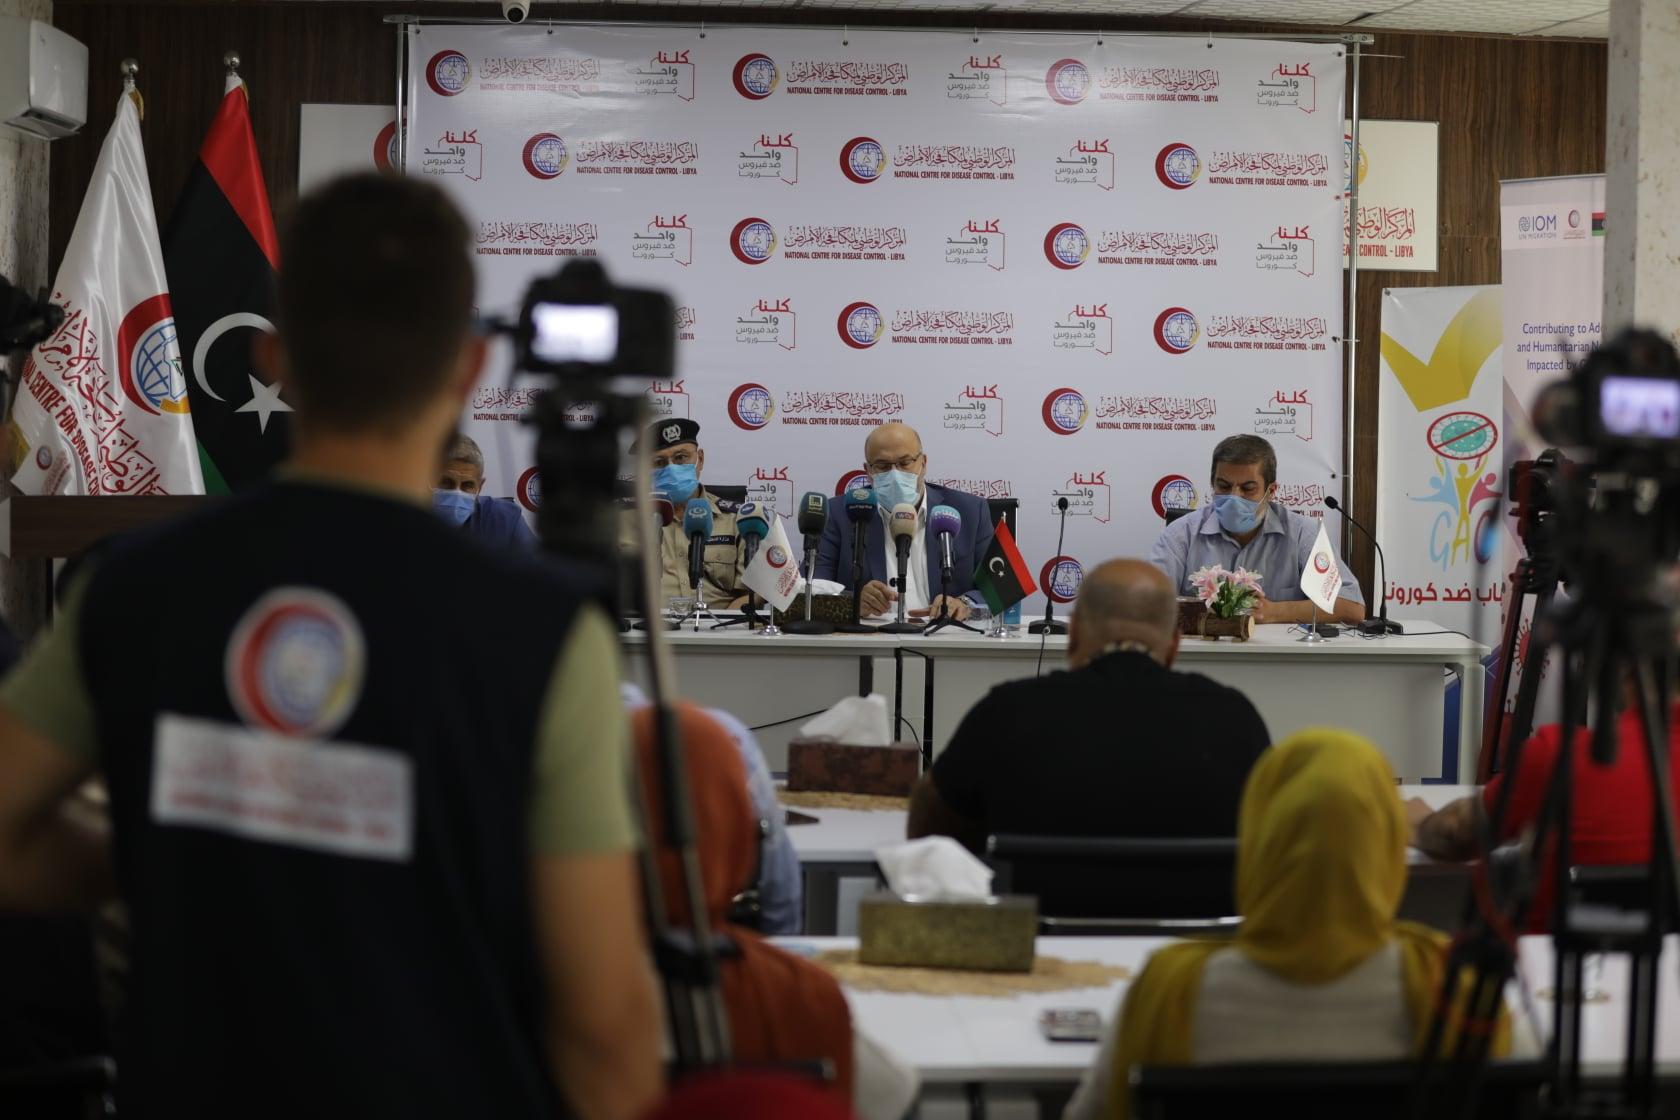 المؤتمر الصحفي لانطلاق الحملة الوطنية للتوعية المجتمعية التي أطلقها المركز الوطني لمكافحة الأمراض